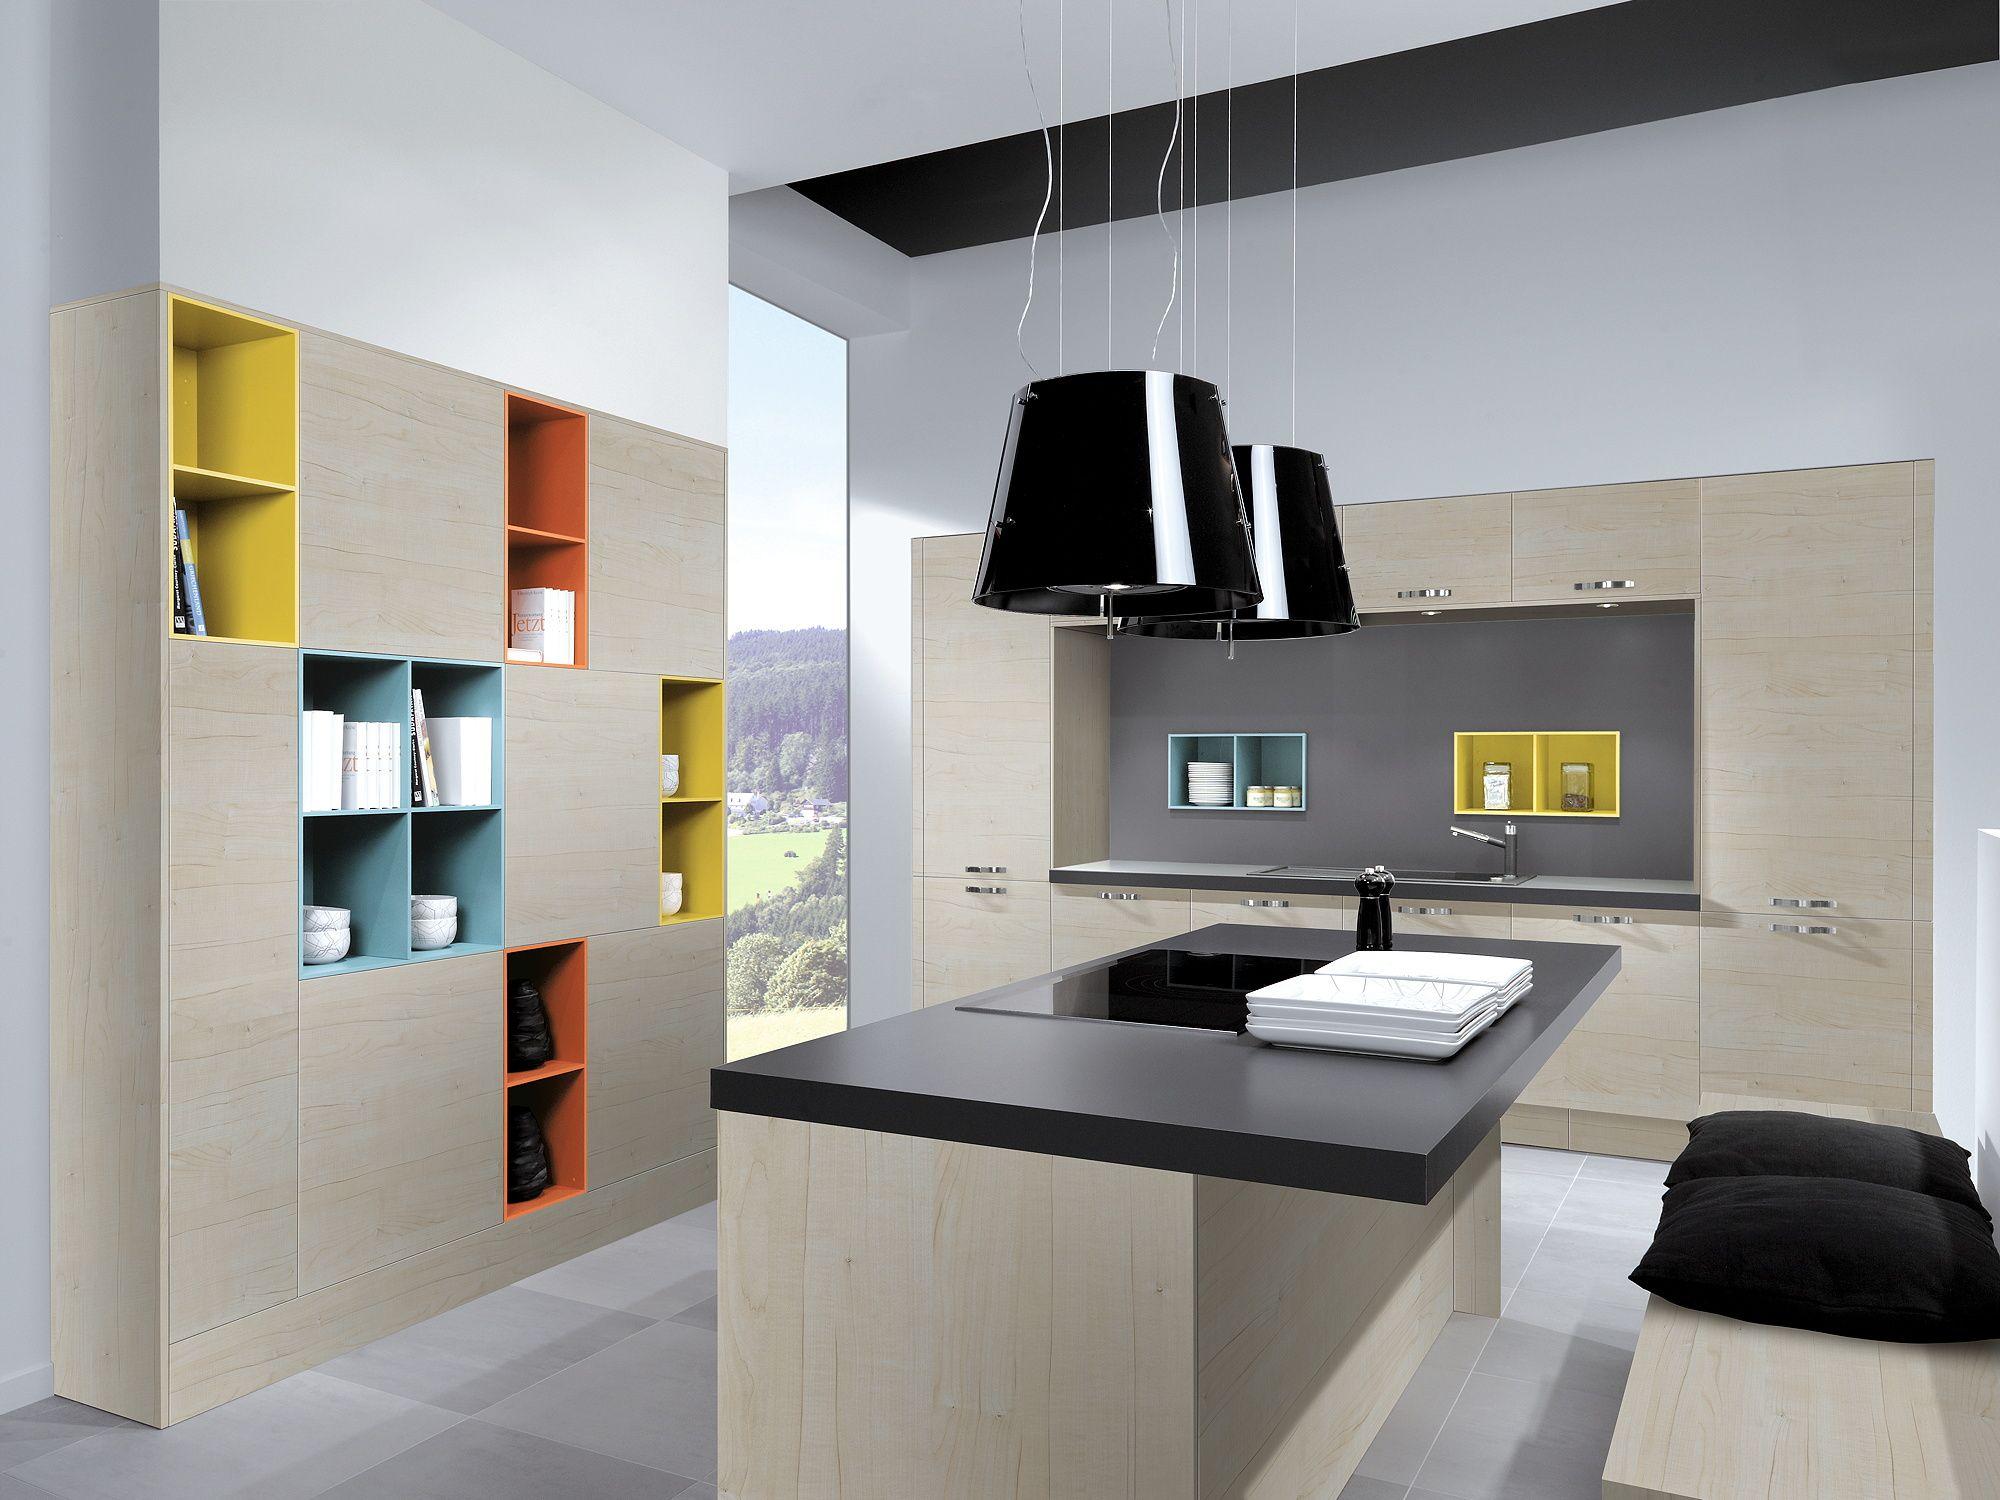 Berühmt Küche Farbe Mit Ahorn Schränke Fotos - Ideen Für Die Küche ...